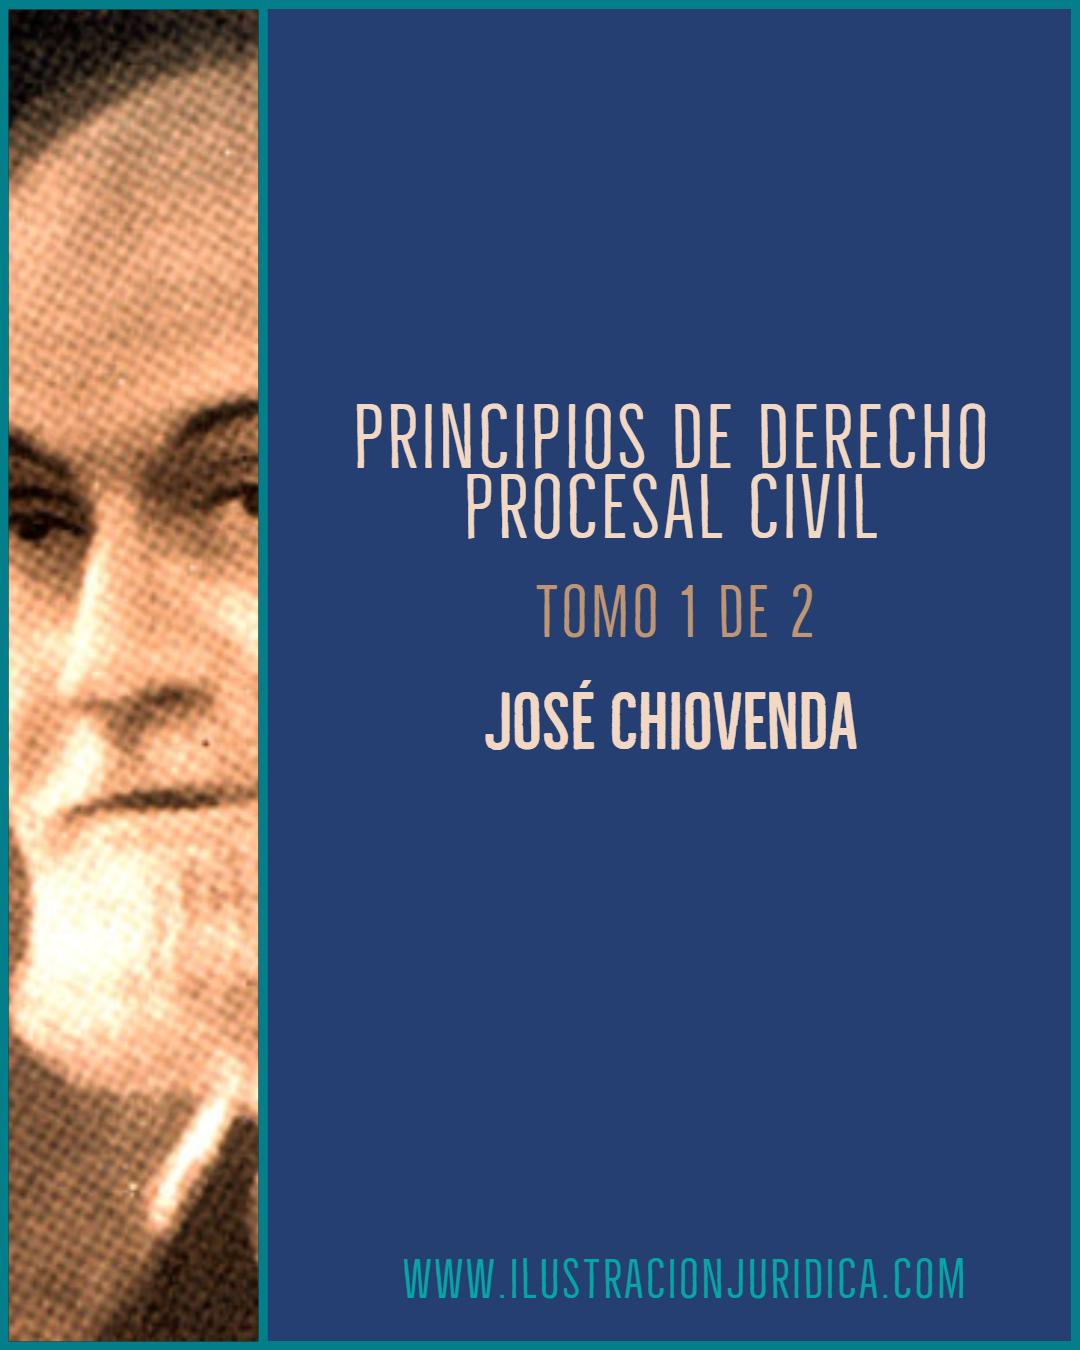 Principios de derecho procesal civil -José Chiovenda - Tomo I - [ PDF ] «  IlustraciónJurídica.com